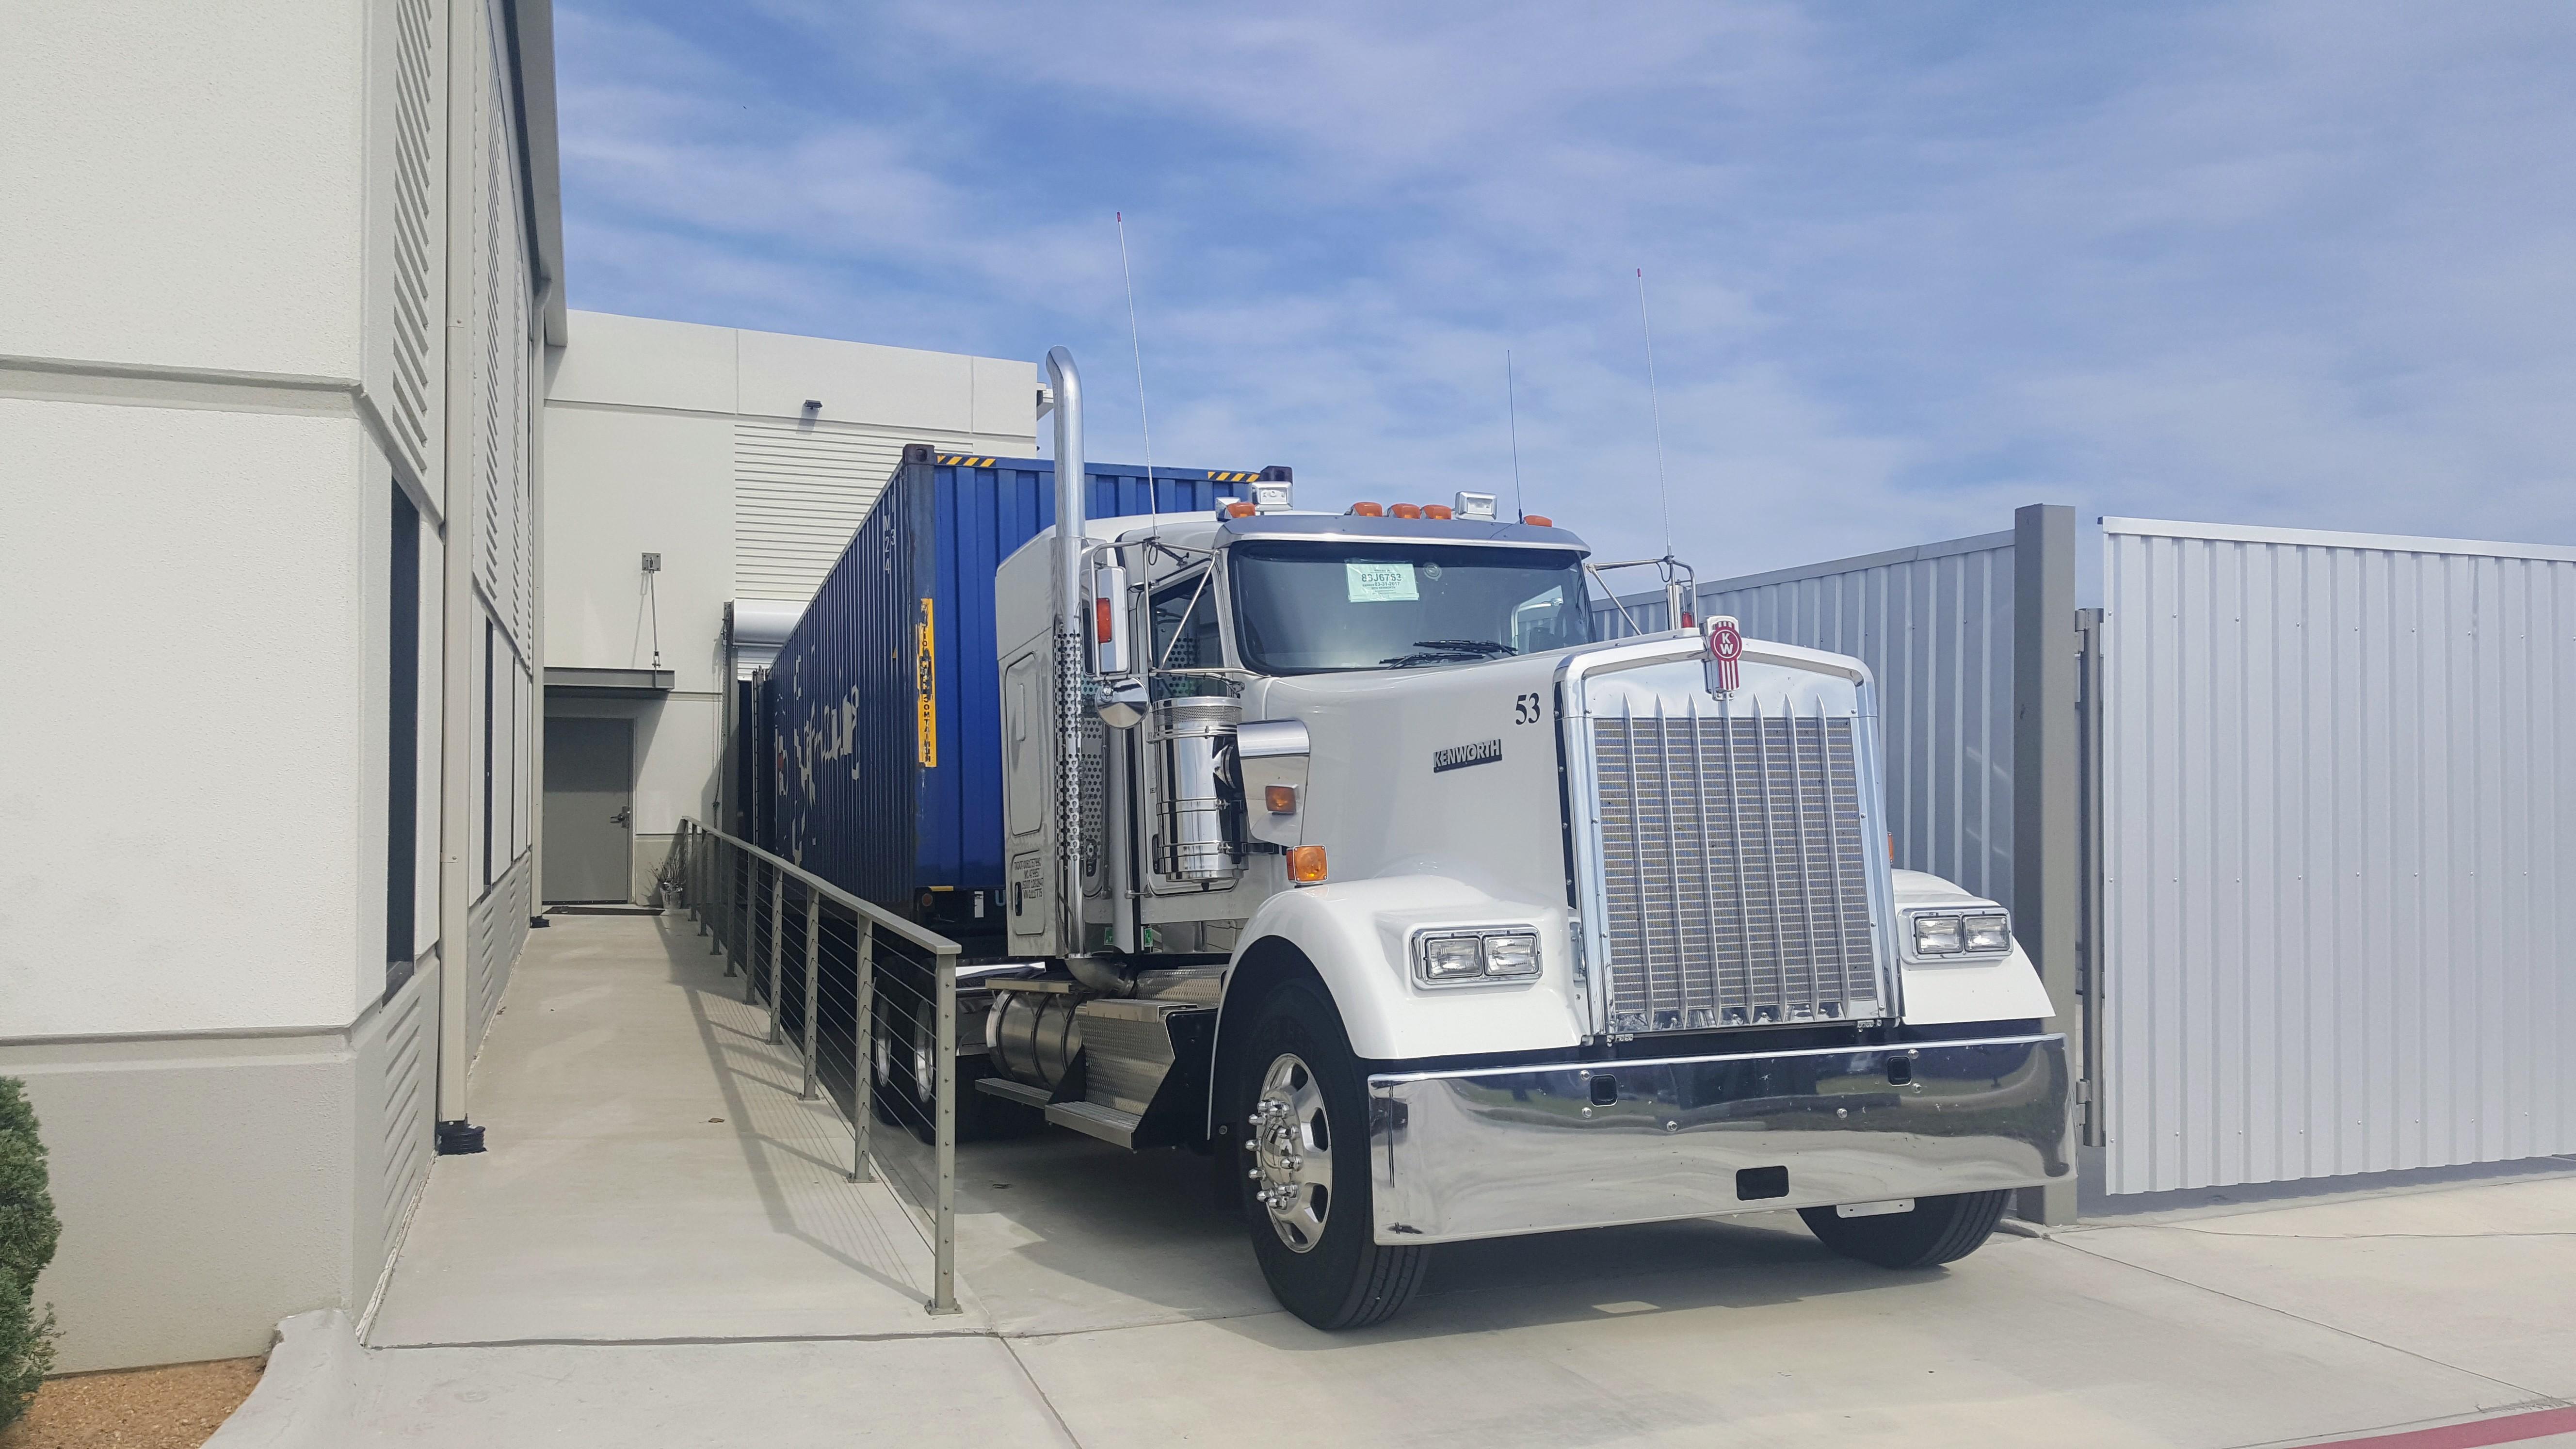 20170208_122833 - Wasem's 18 Wheeler Truck